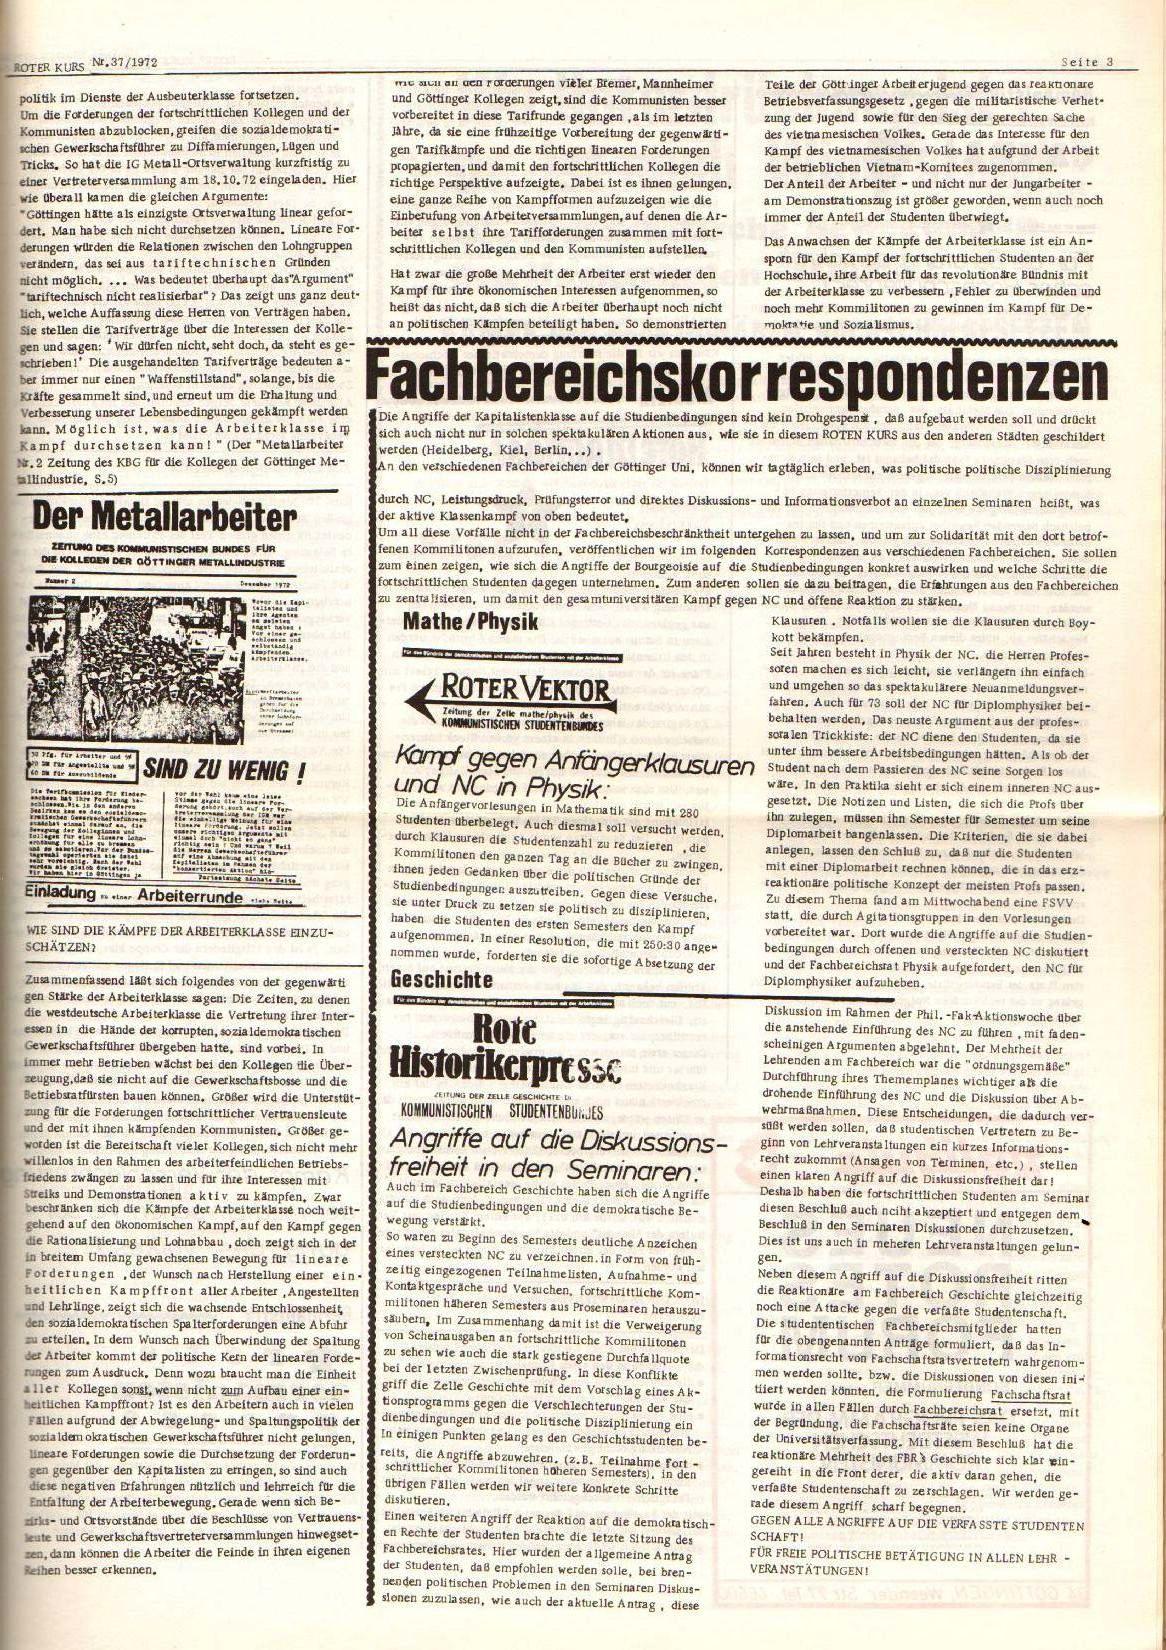 Goettingen_Roter_Kurs230